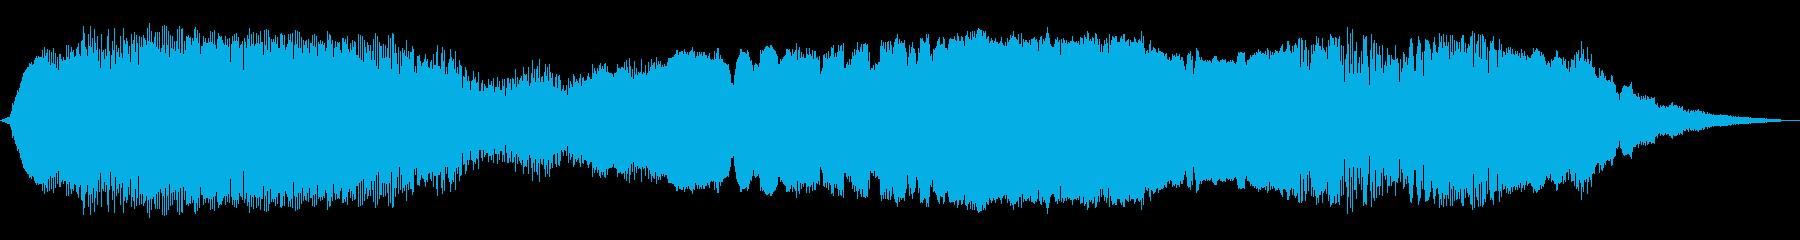 歪みフィールドの再生済みの波形